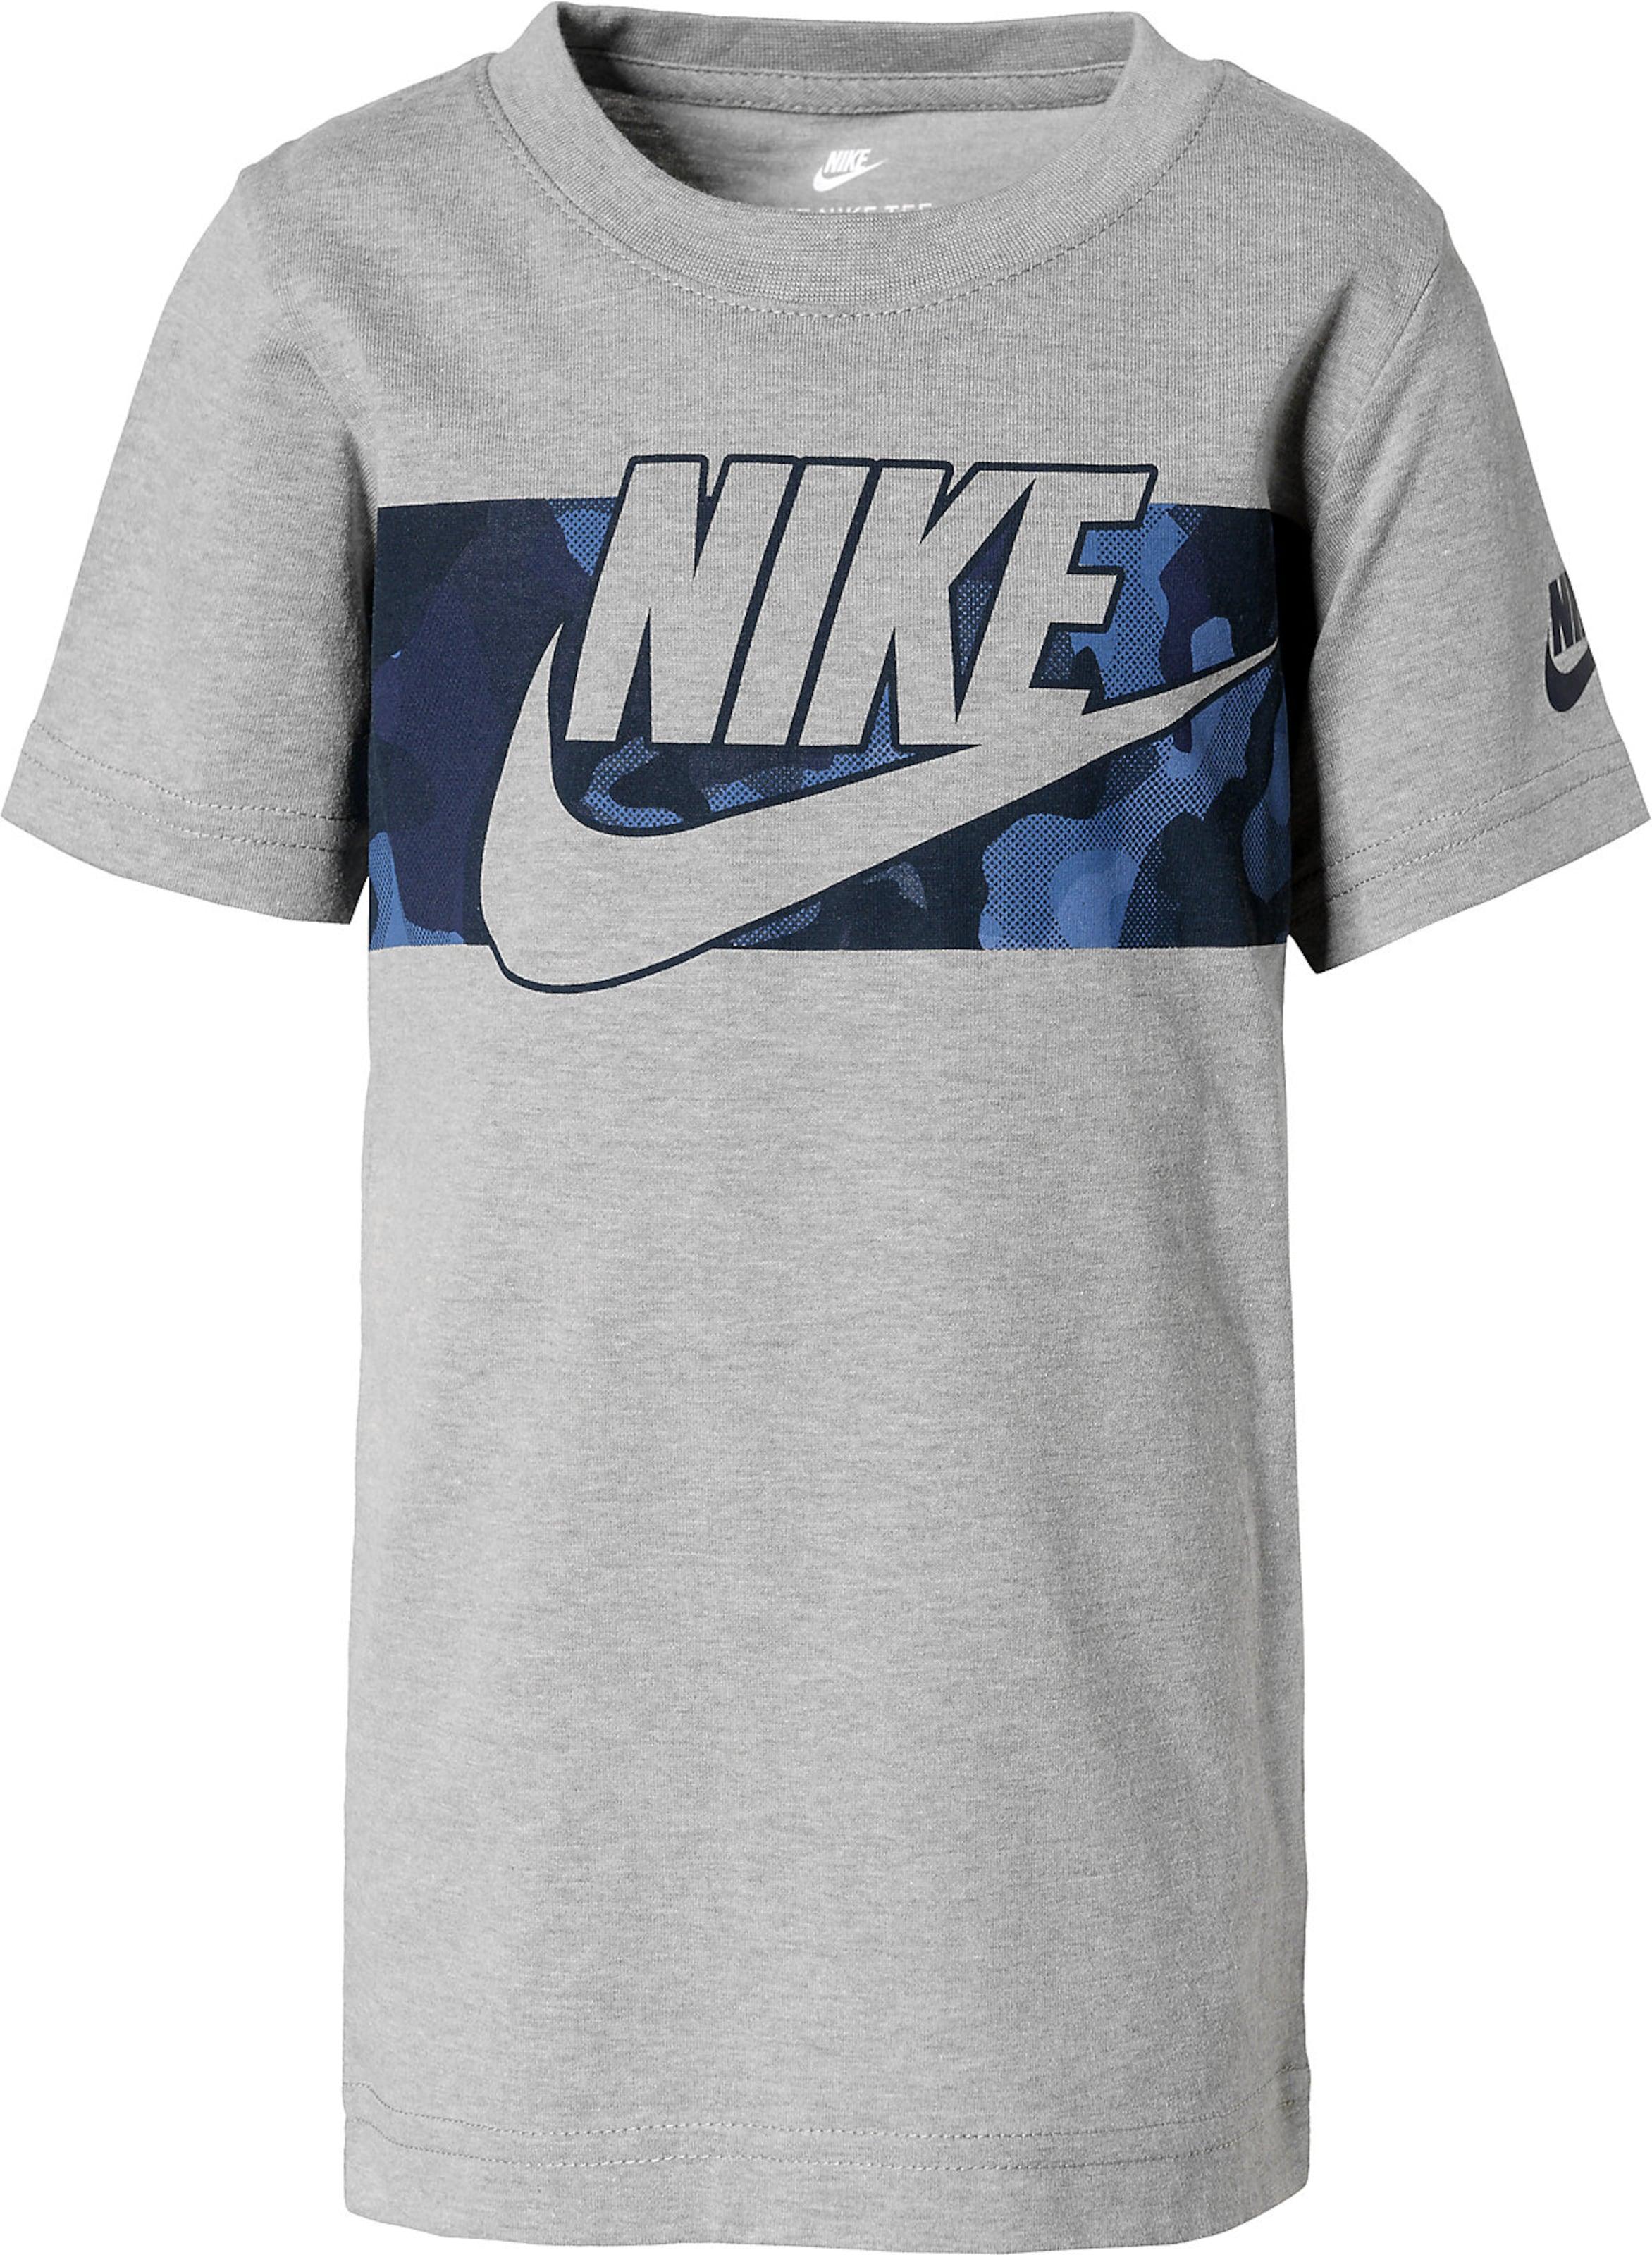 Jungen,  Kinder,  Kinder Nike Sportswear T-Shirt 'Futura' blau,  grau | 00633731210280